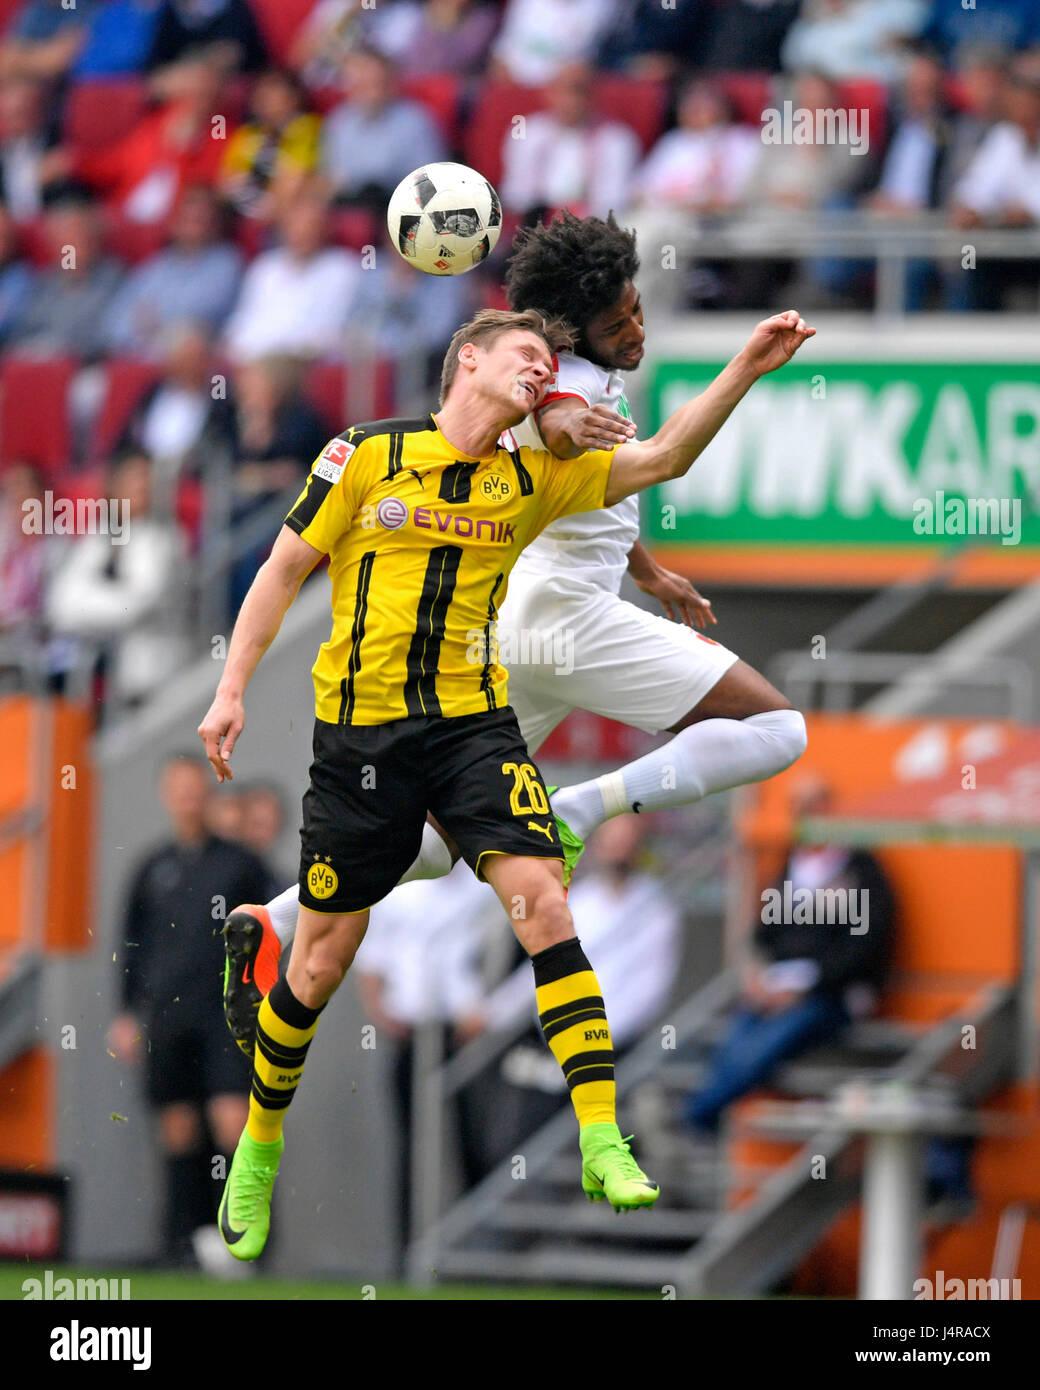 13.05.2017, Fussball 1.Bundesliga 2016/2017, 33.Spieltag, FC Augsburg - Borussia Dortmund, dans der WWK-Arena Augsbourg. v.li: Lukasz Piszcek (Dortmund) gegen Caiuby (FC Augsburg). Photo: Cronos/MIS Banque D'Images